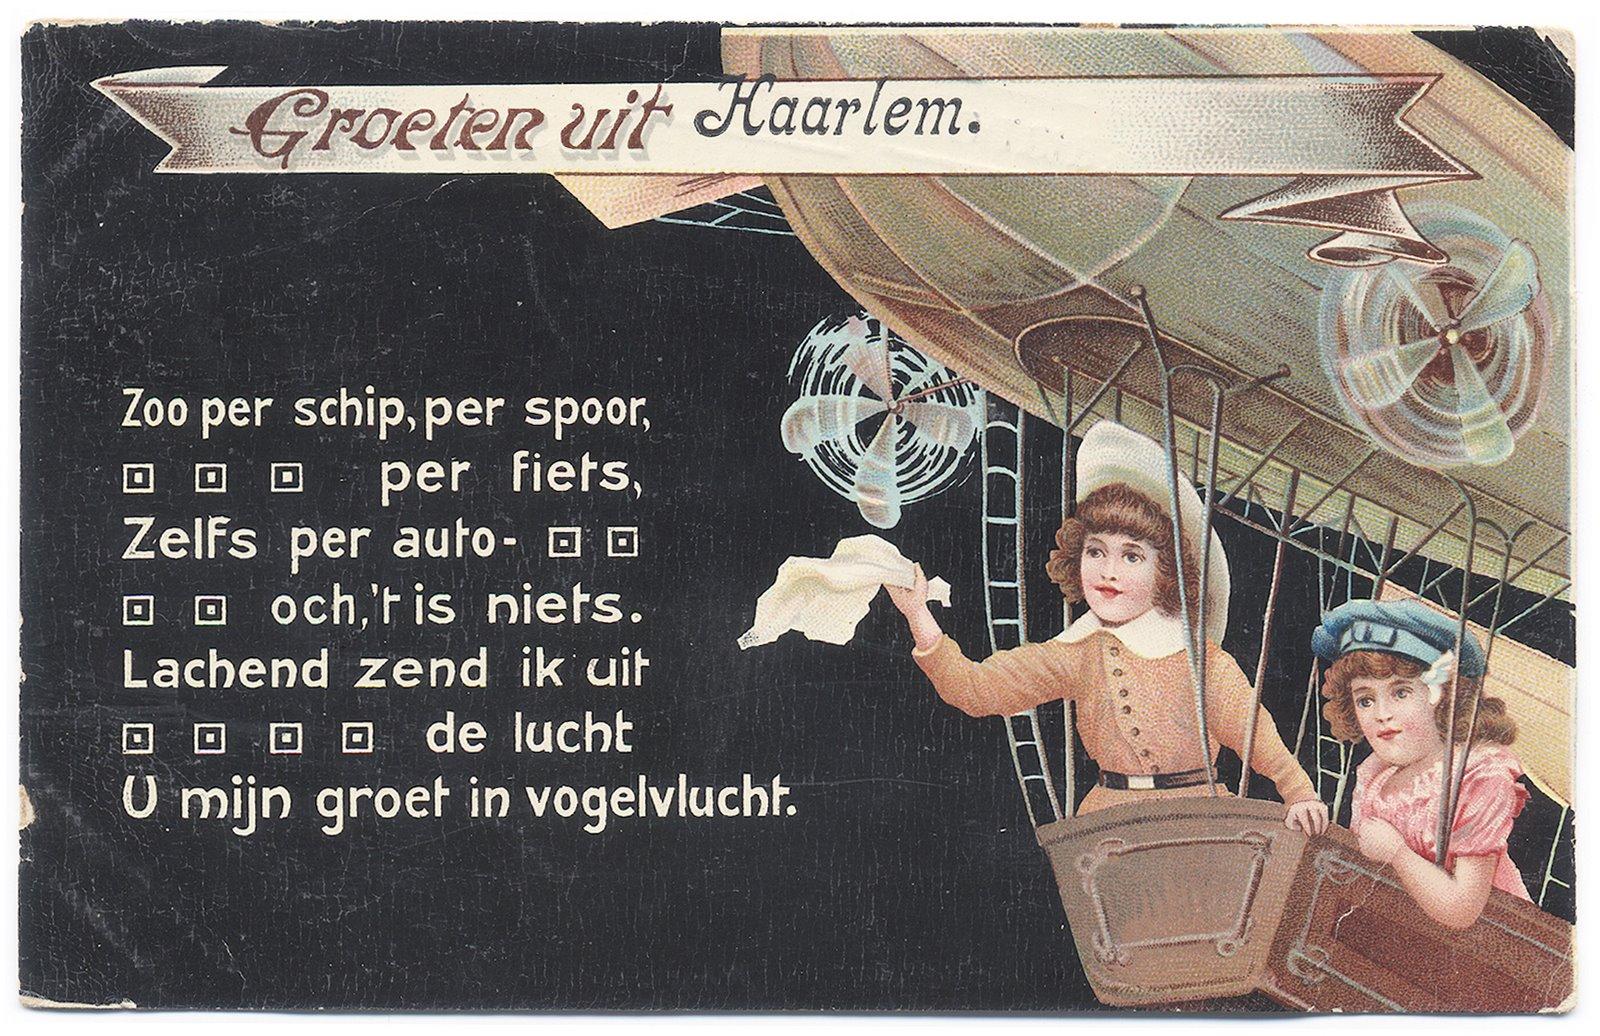 [zeppelin_ansichtkaart.jpg]